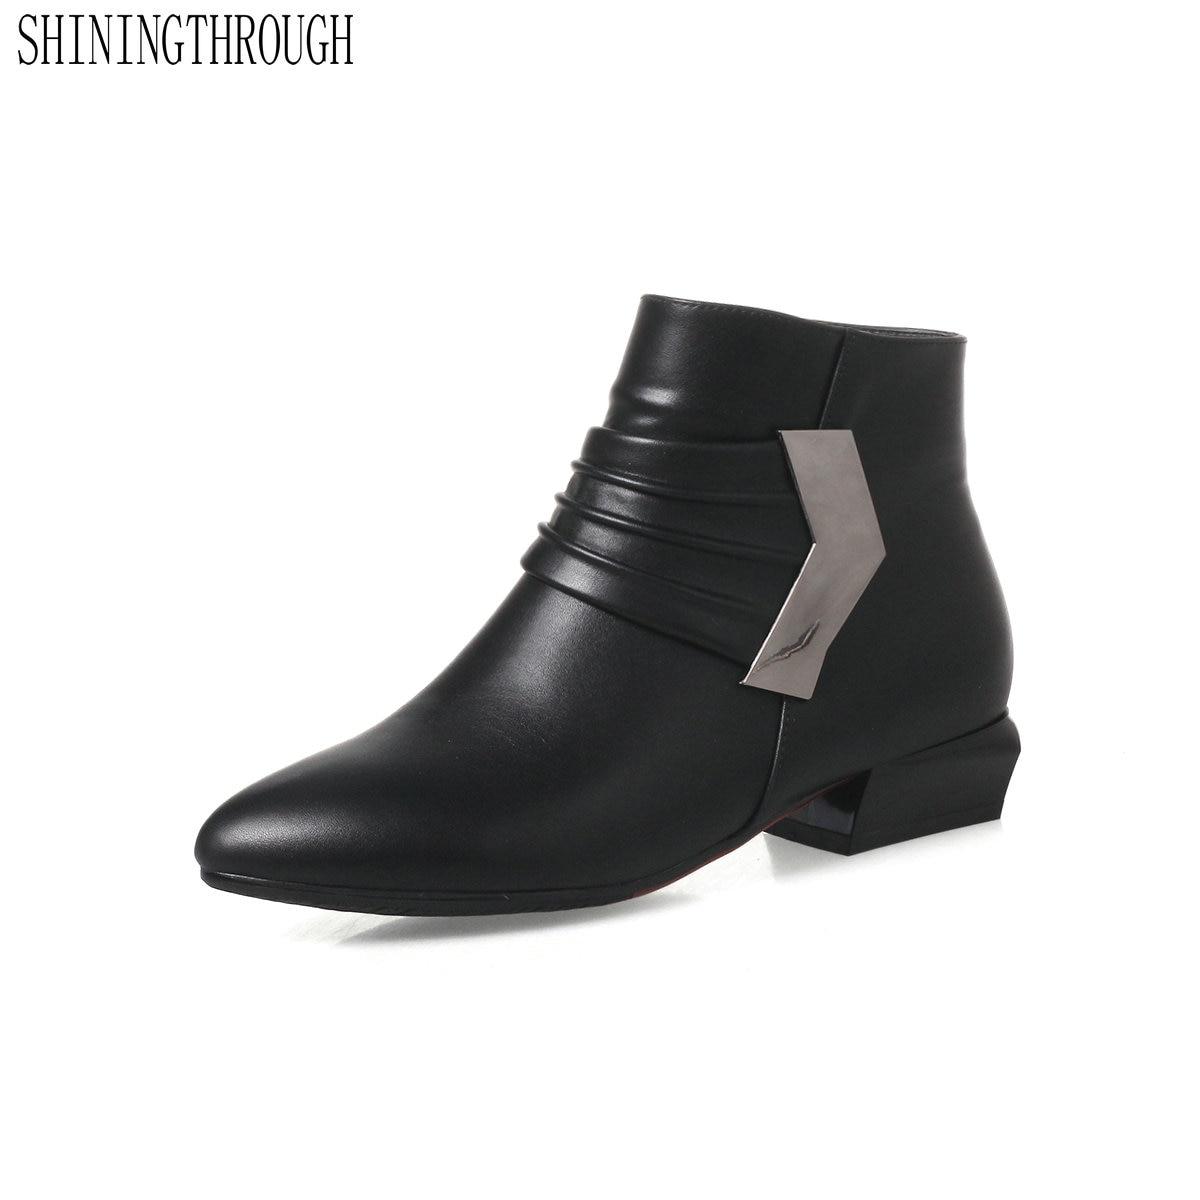 Plate Noir Chaussures forme De Taille 43 Cuir Talon En gris 34 Pu 2018 Bout Bottes Femme Courtes Shiningthrough Épais Cheville Pointu rouge 0mN8vnw